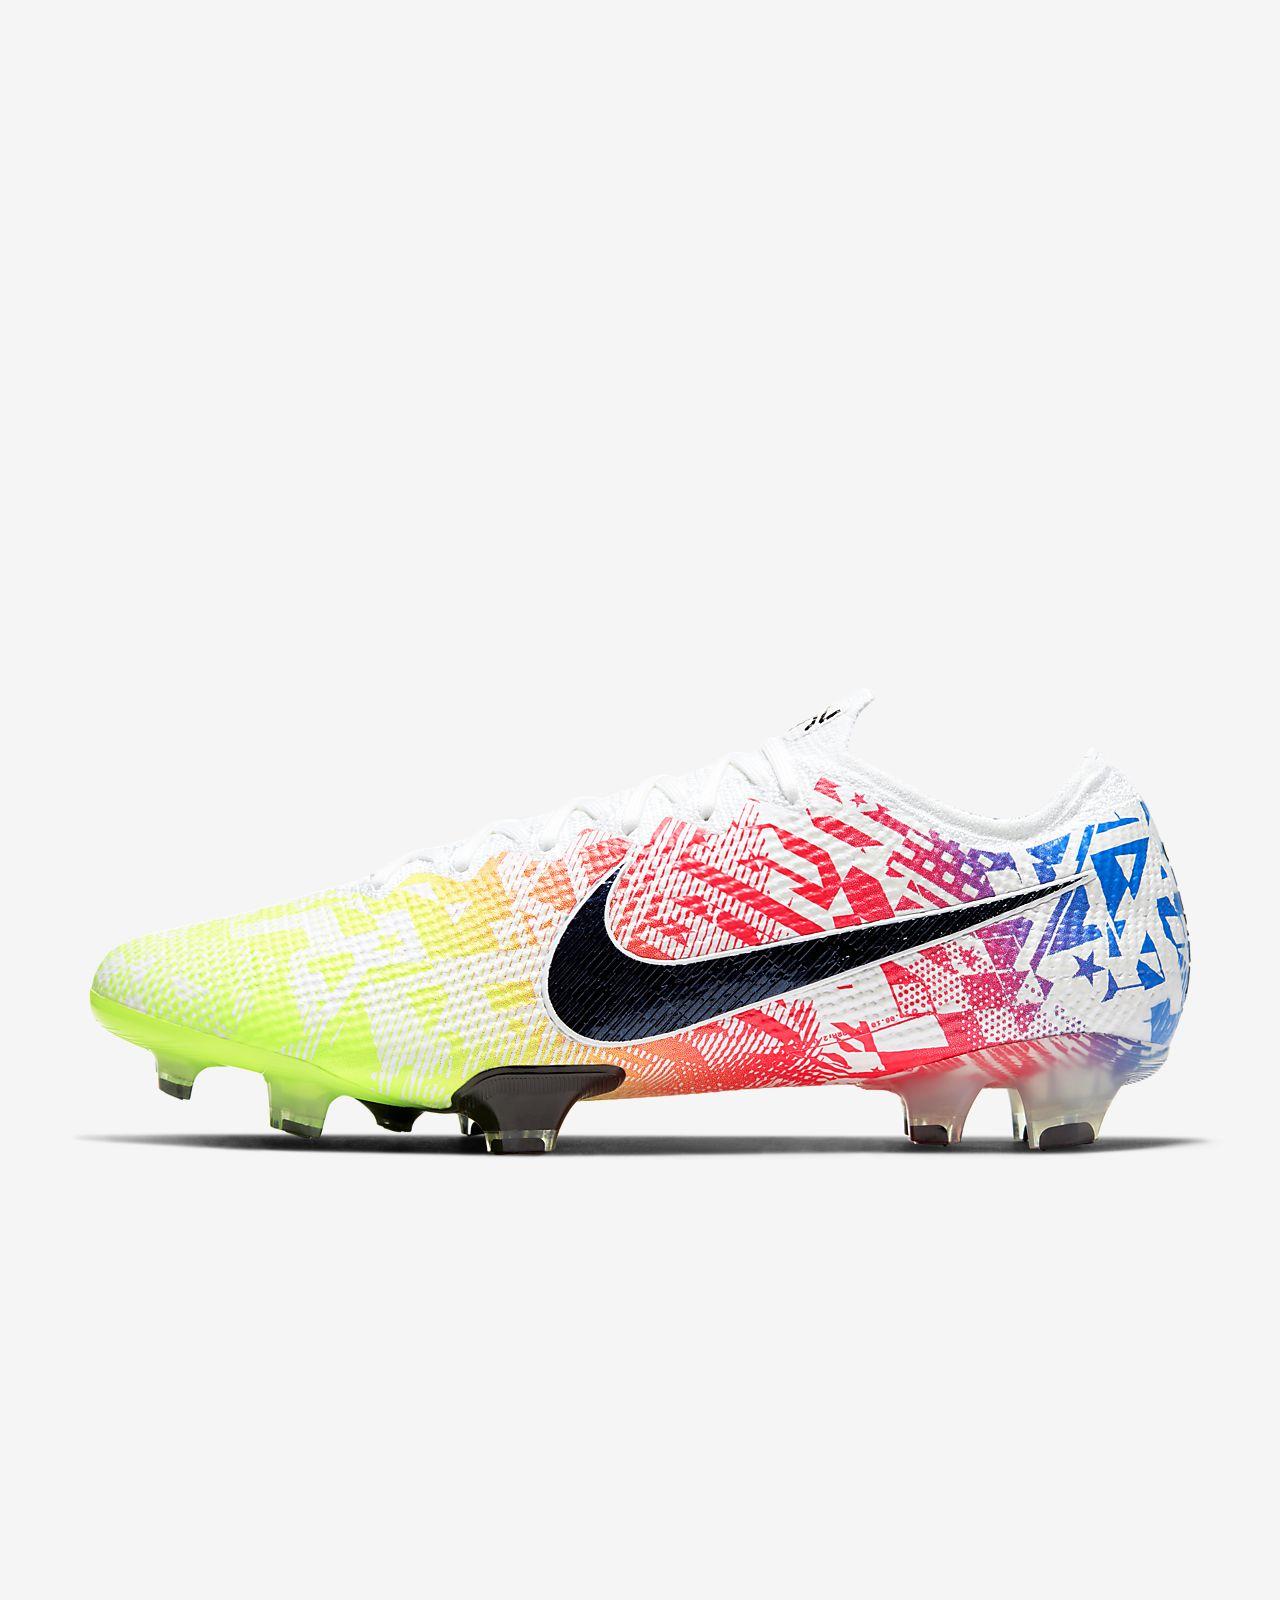 รองเท้าสตั๊ดฟุตบอลสำหรับพื้นสนามทั่วไป Nike Mercurial Vapor 13 Elite Neymar Jr. FG